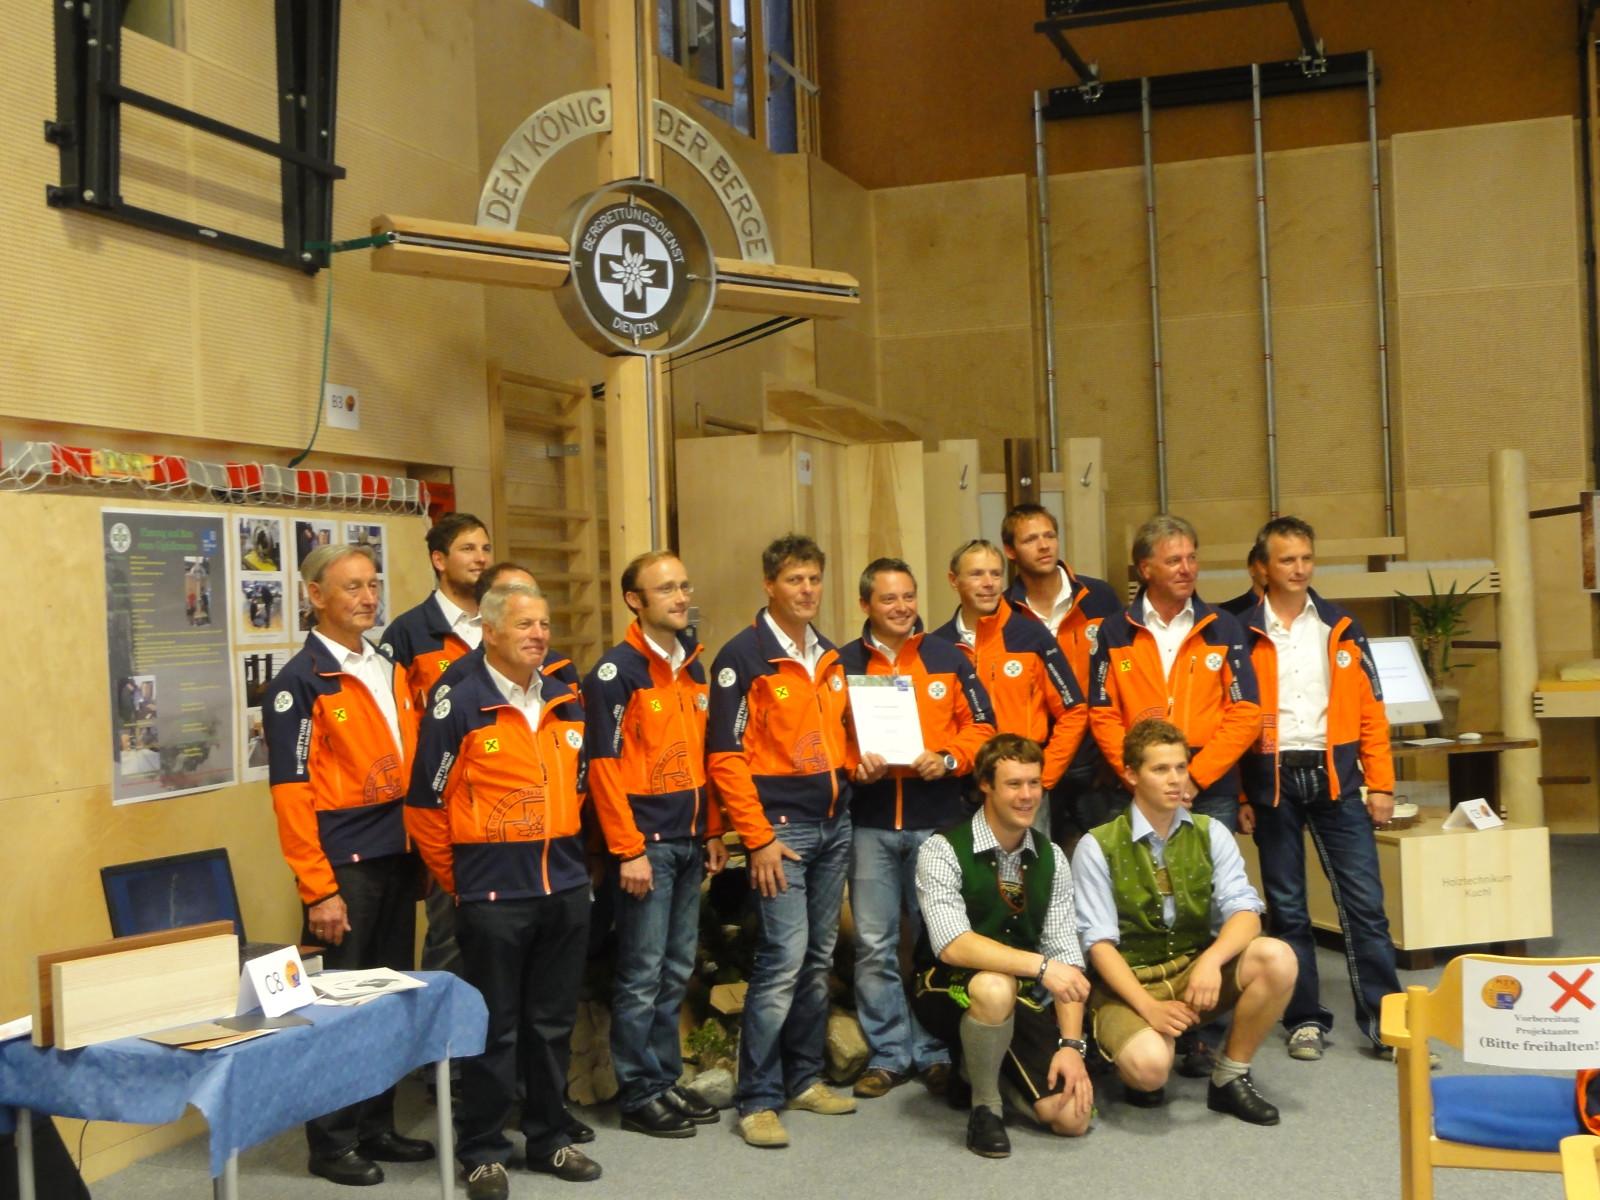 Die Schüler des Holztechnikums in Kuchl erhielten einen Preis für ihre Arbeit.